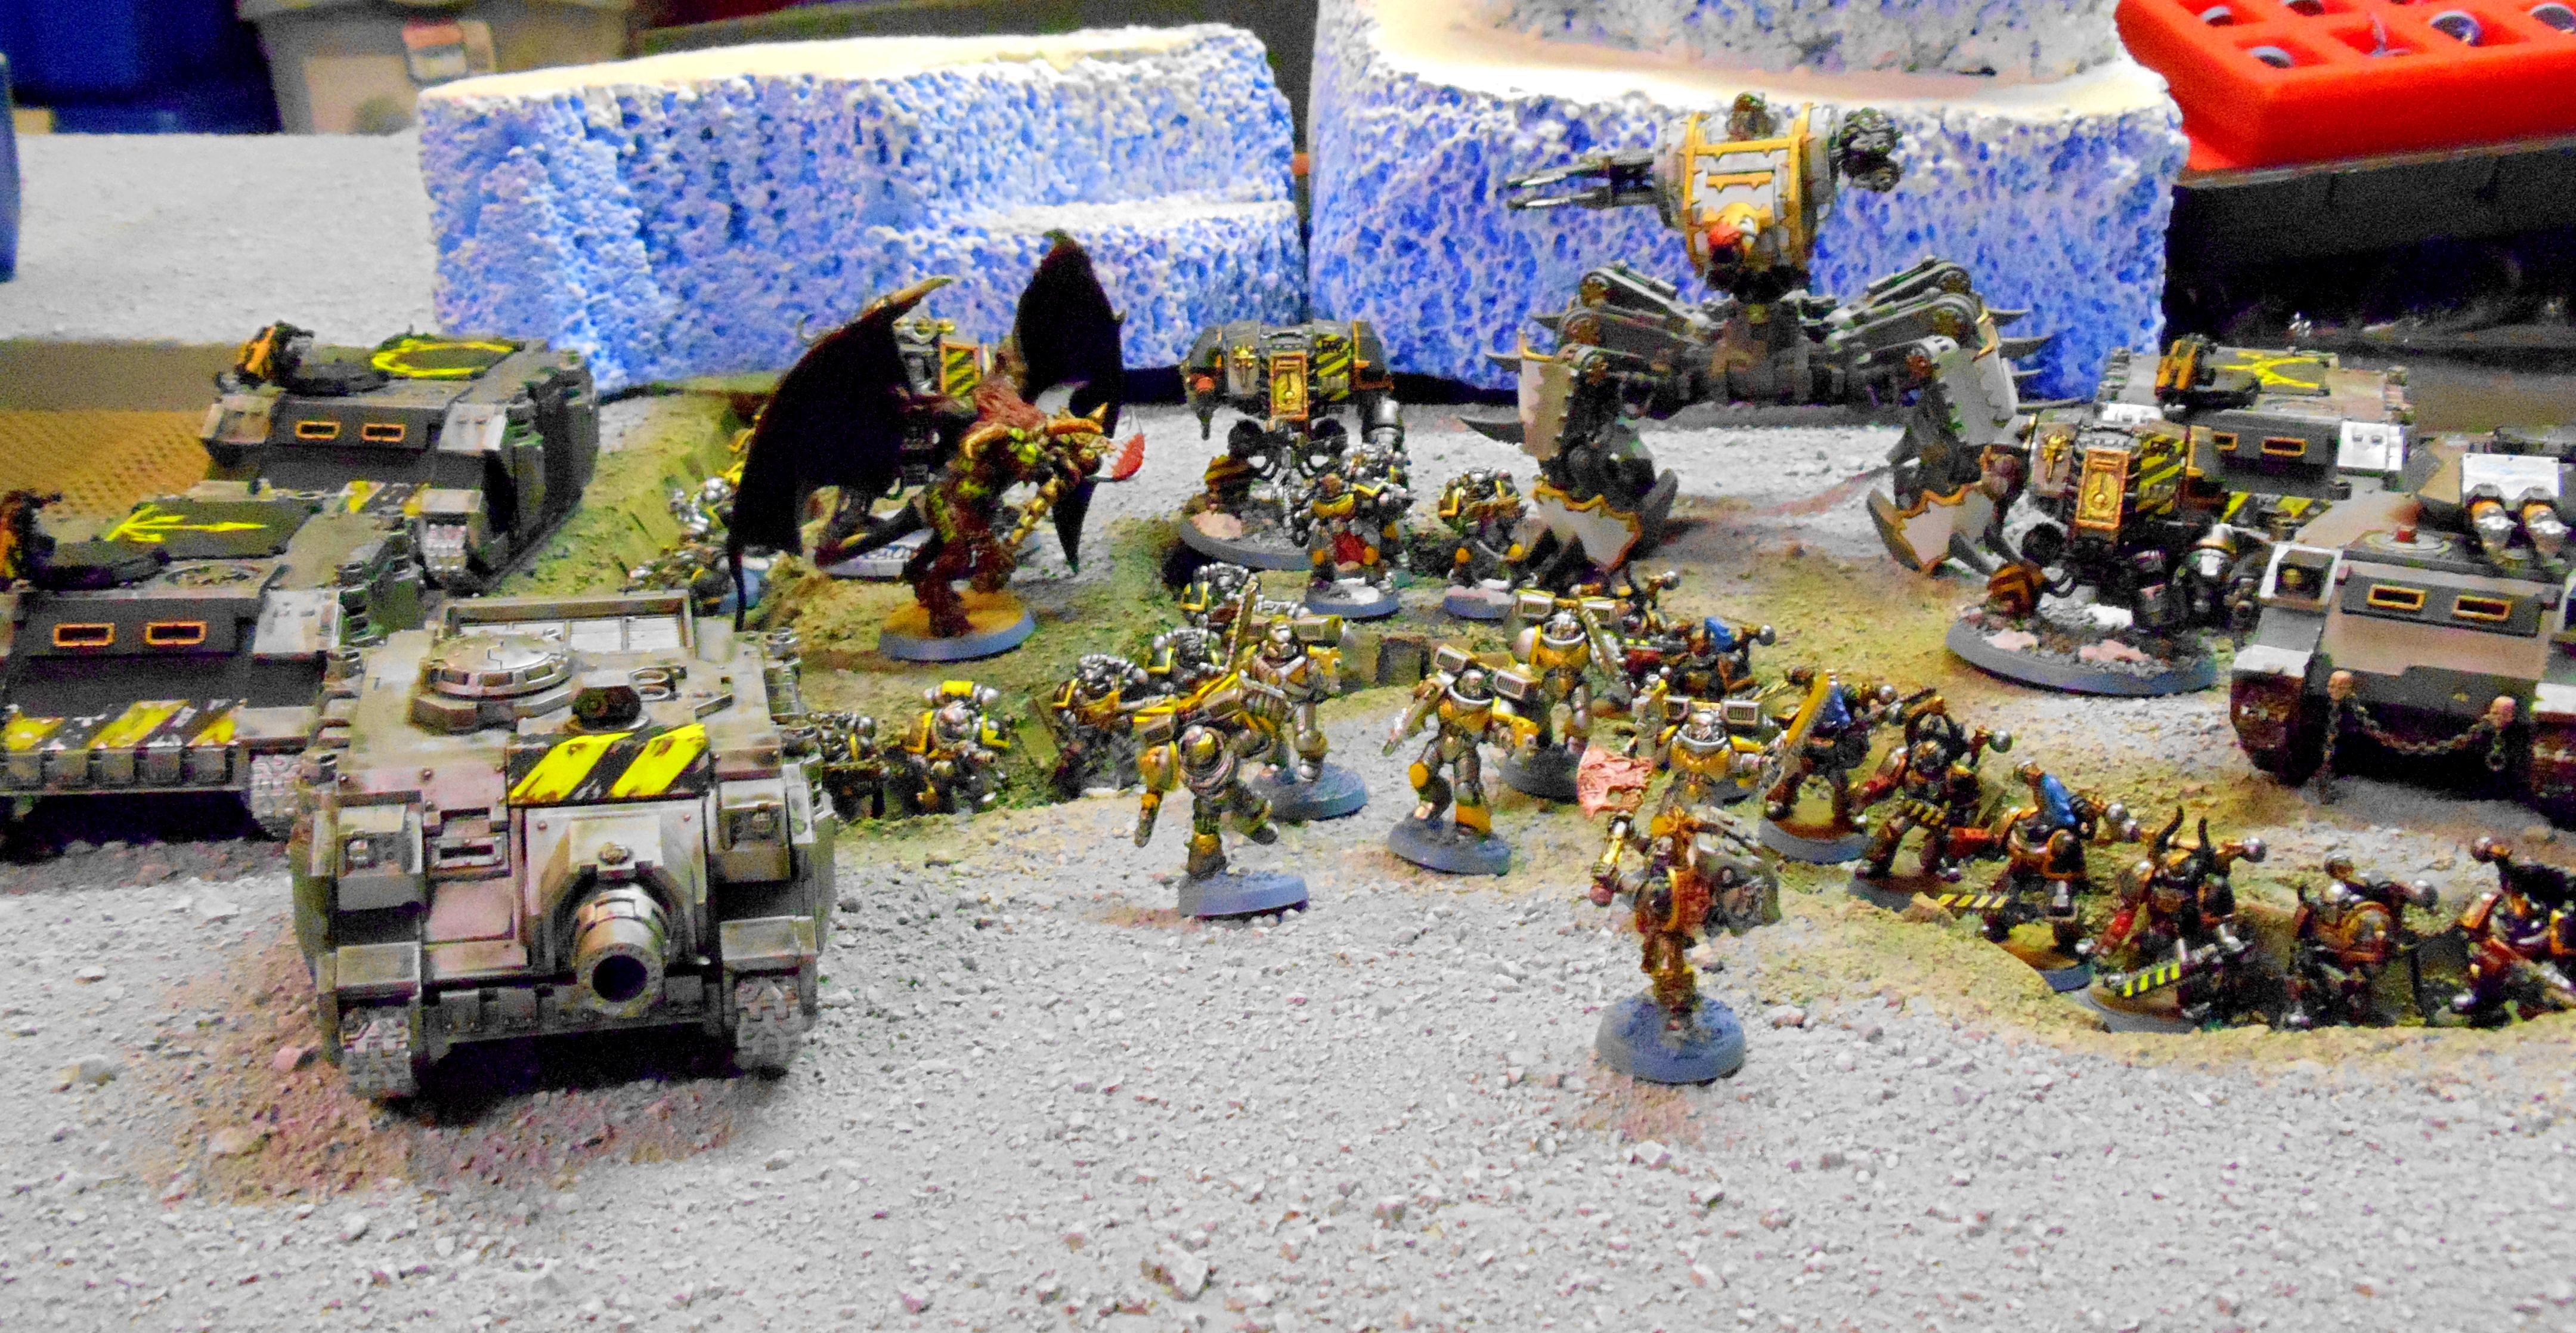 2k tournament army?